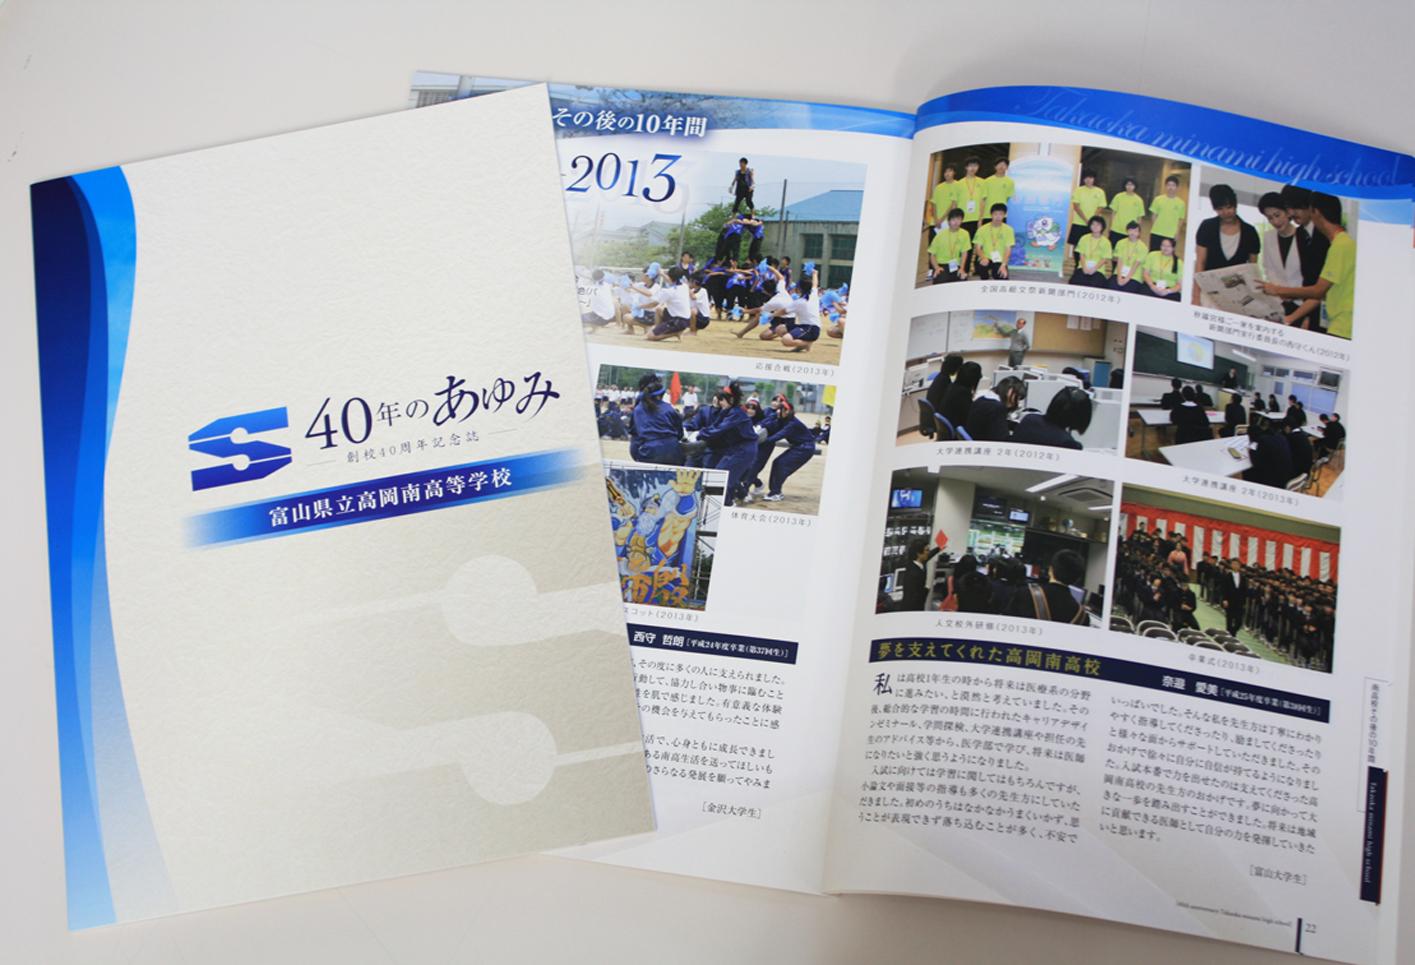 高岡南高等学校 創校40周年記念誌